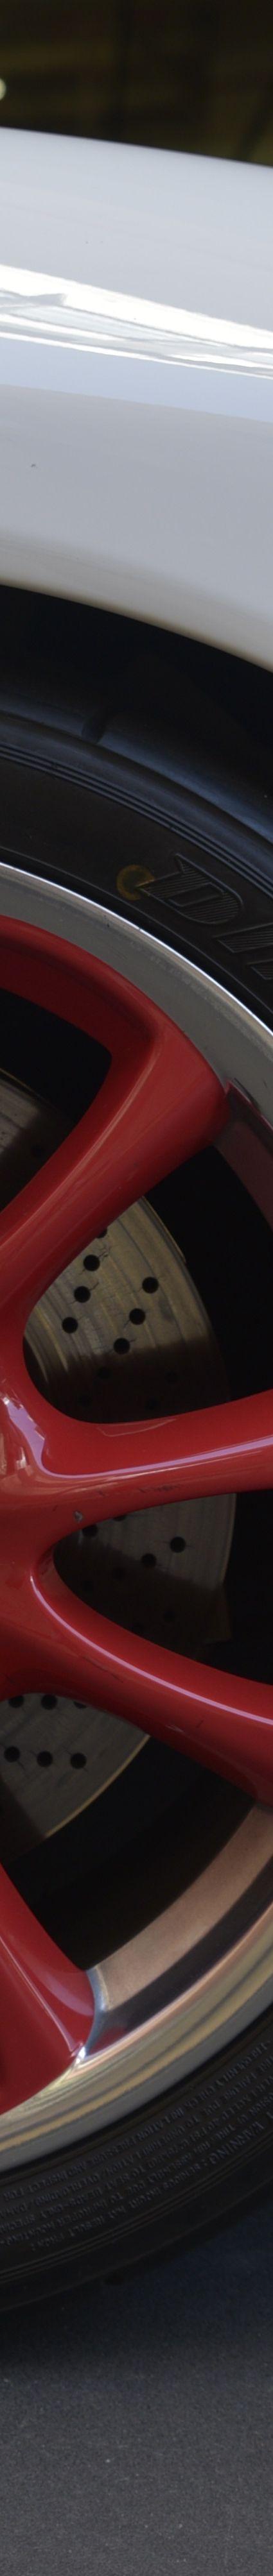 2004 Porsche 911 996 GT3 RS Coupe 2dr Man 6sp 3.6i for sale at Dutton Garage Melbourne Australia